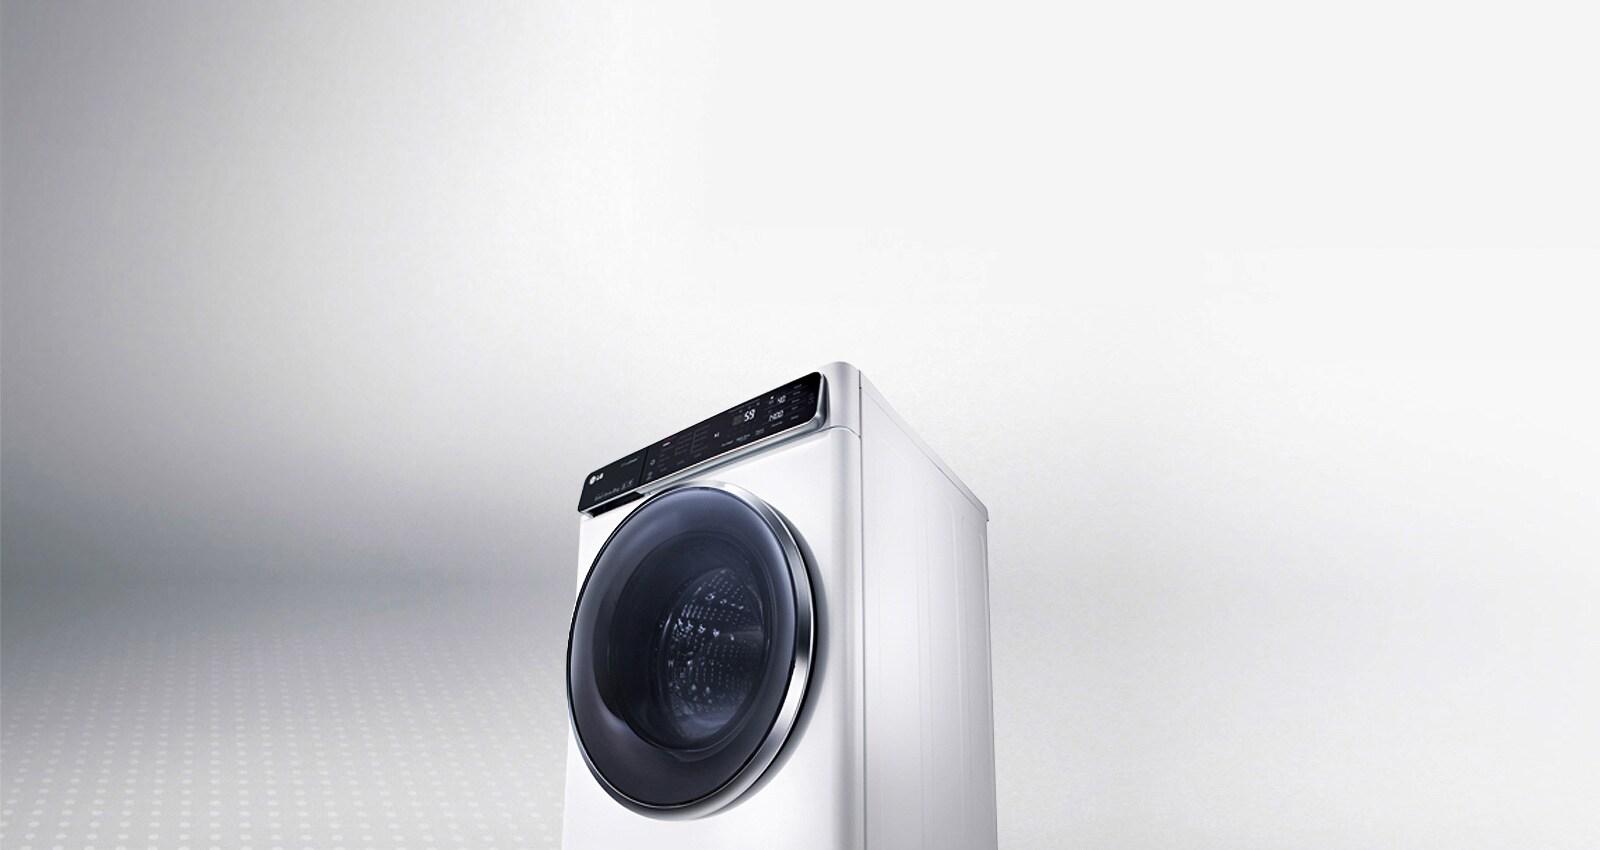 инструкция стиральной машины lg f1220nd